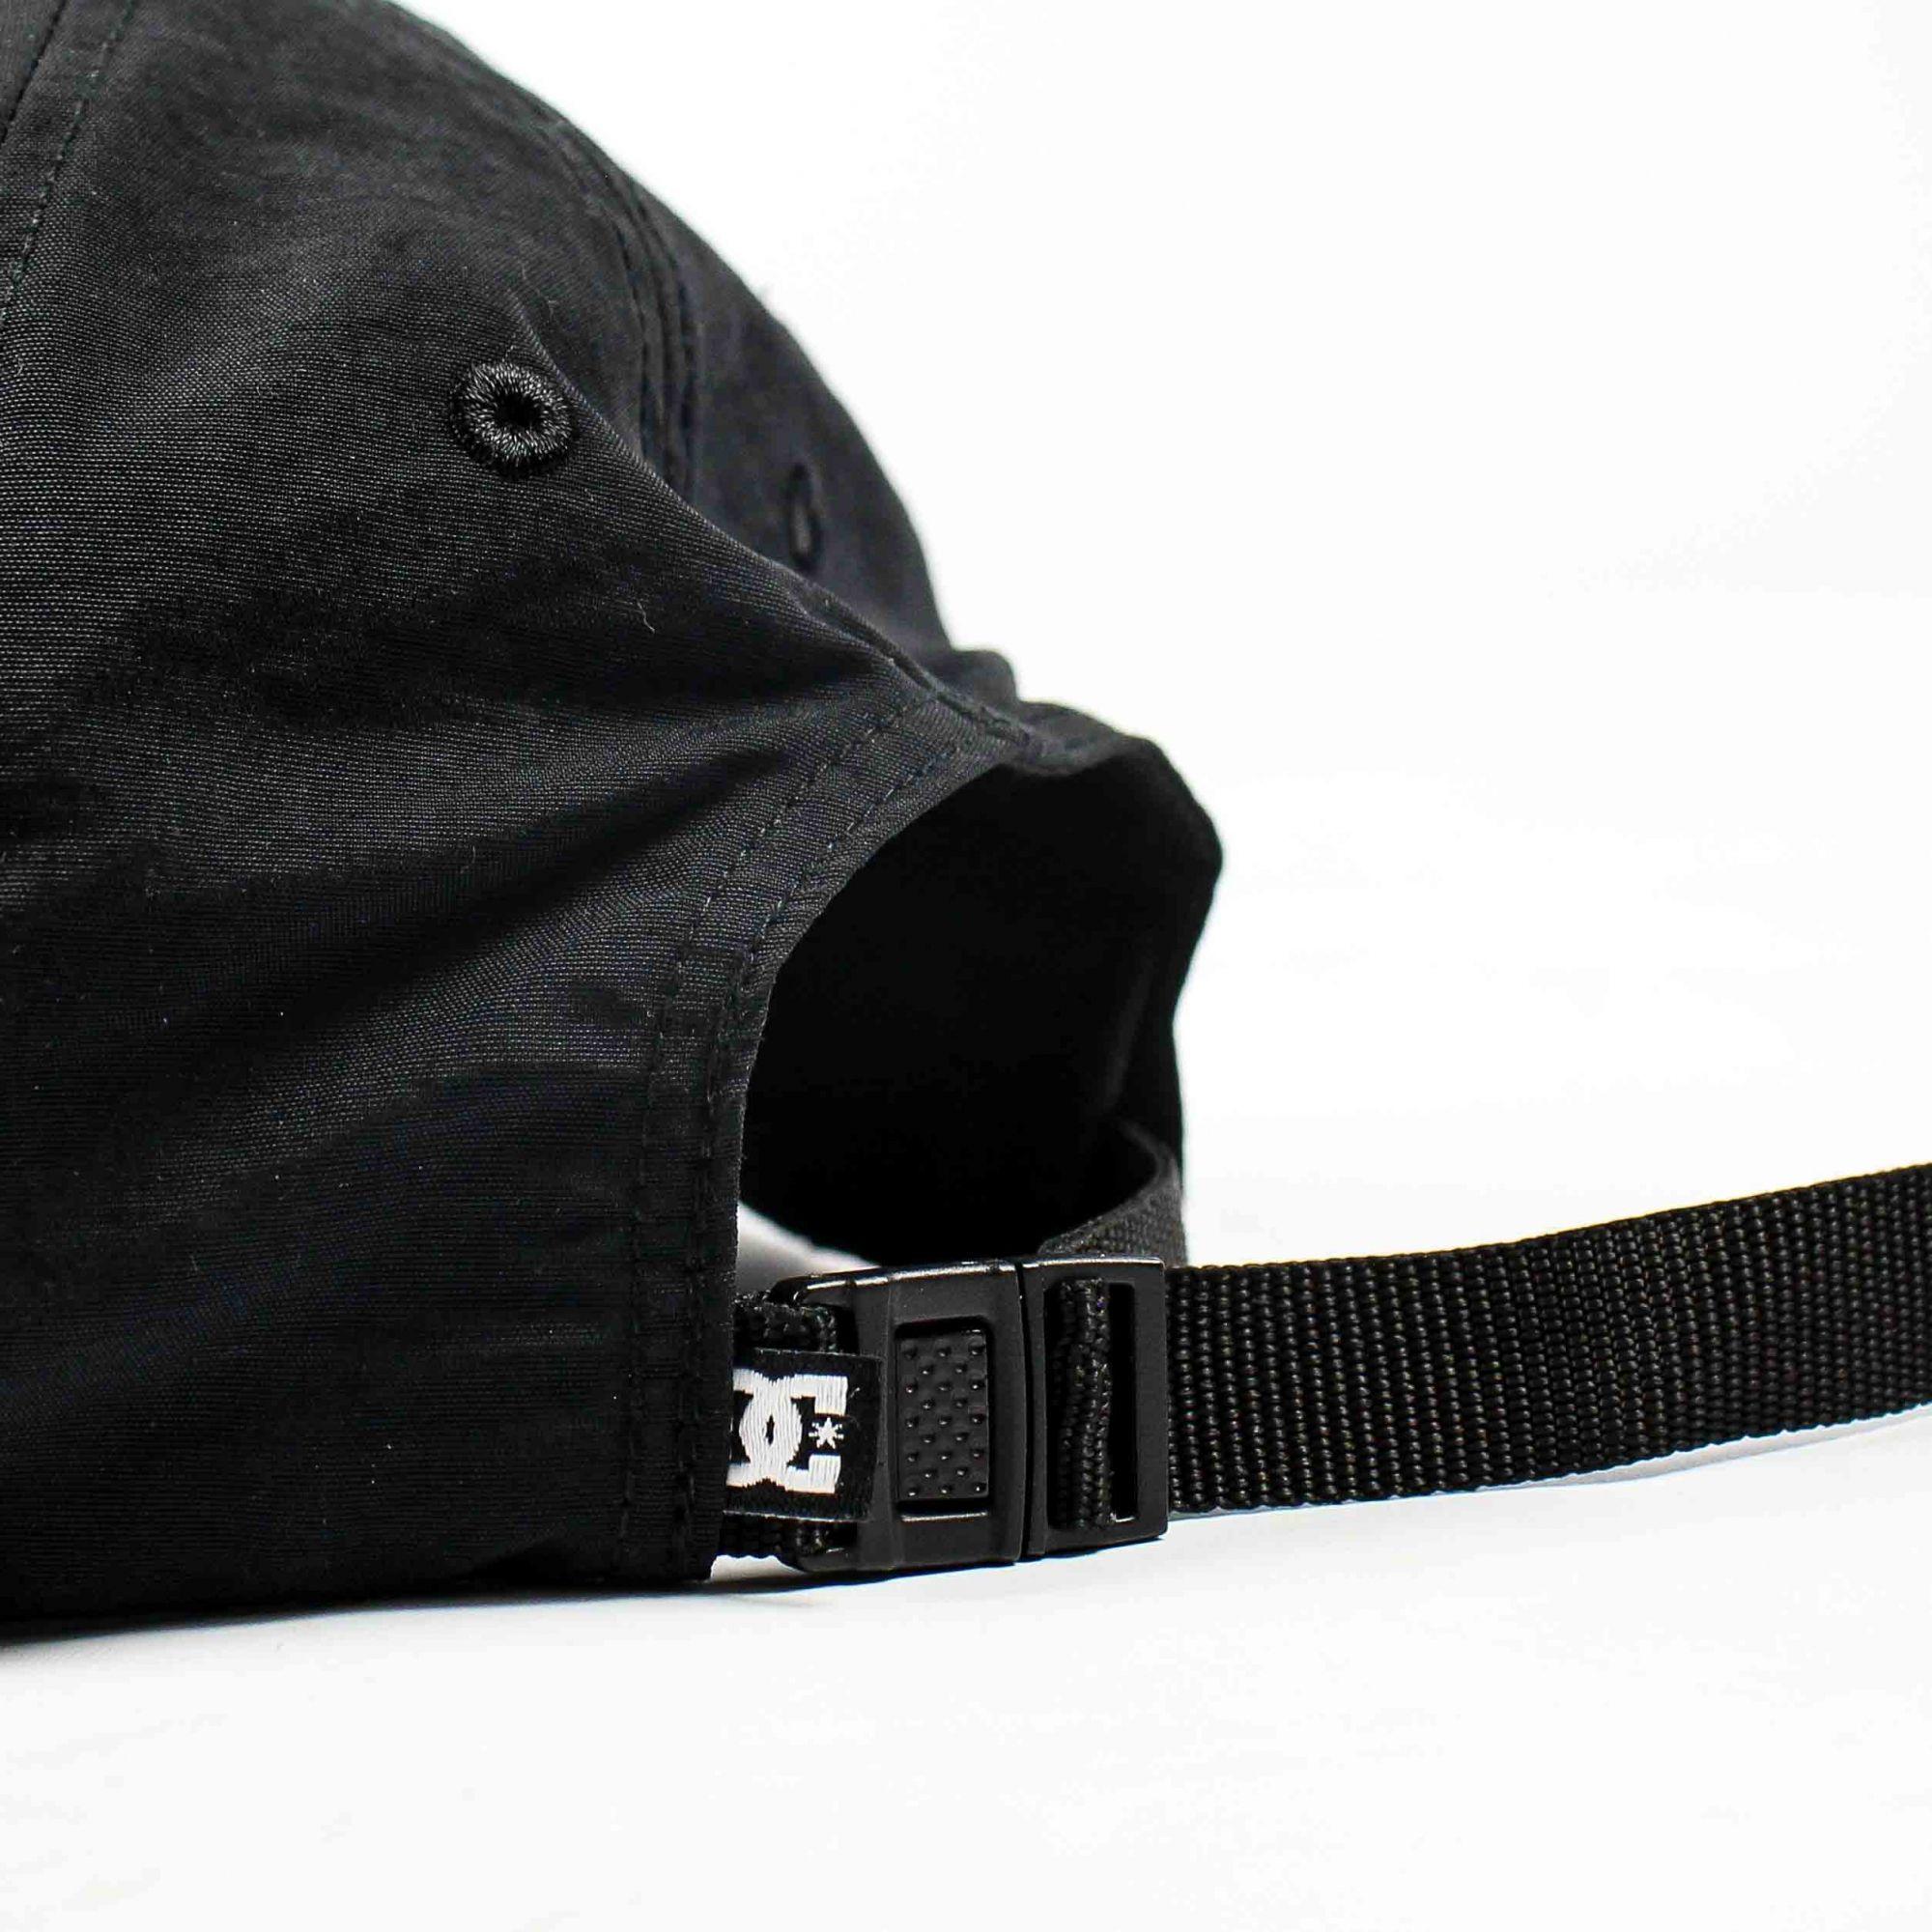 Boné DC Shoes Switcheroo Black/Preto